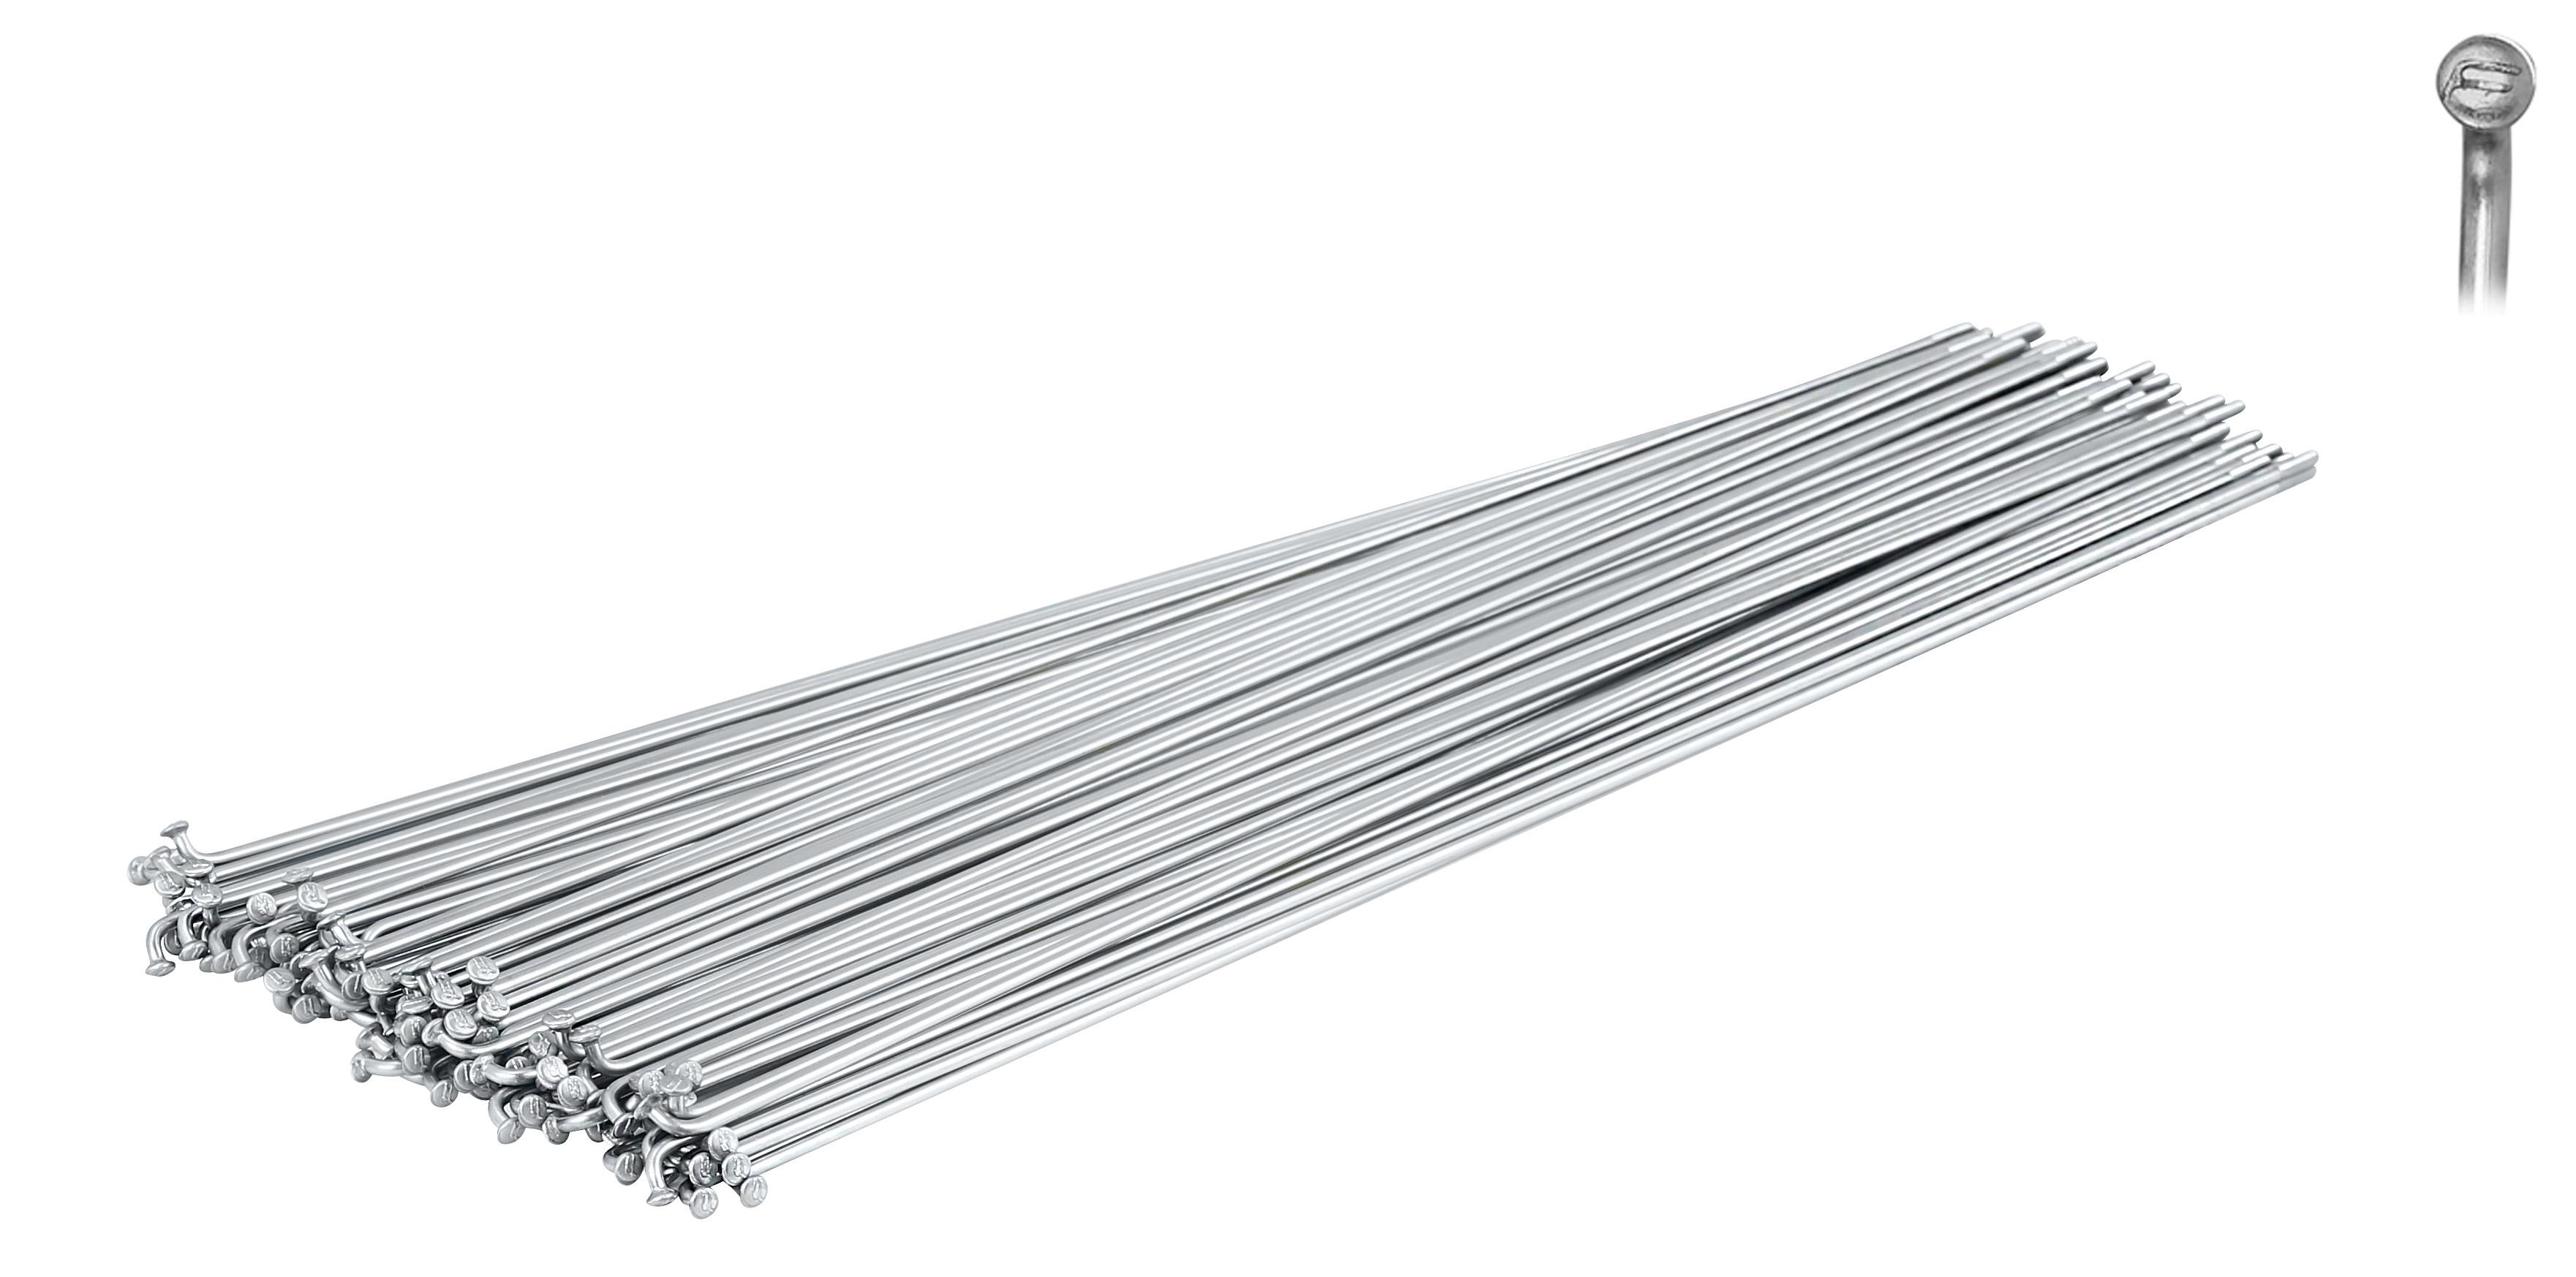 dráty FORCE nerez stříbrné 2 mm x 292 mm